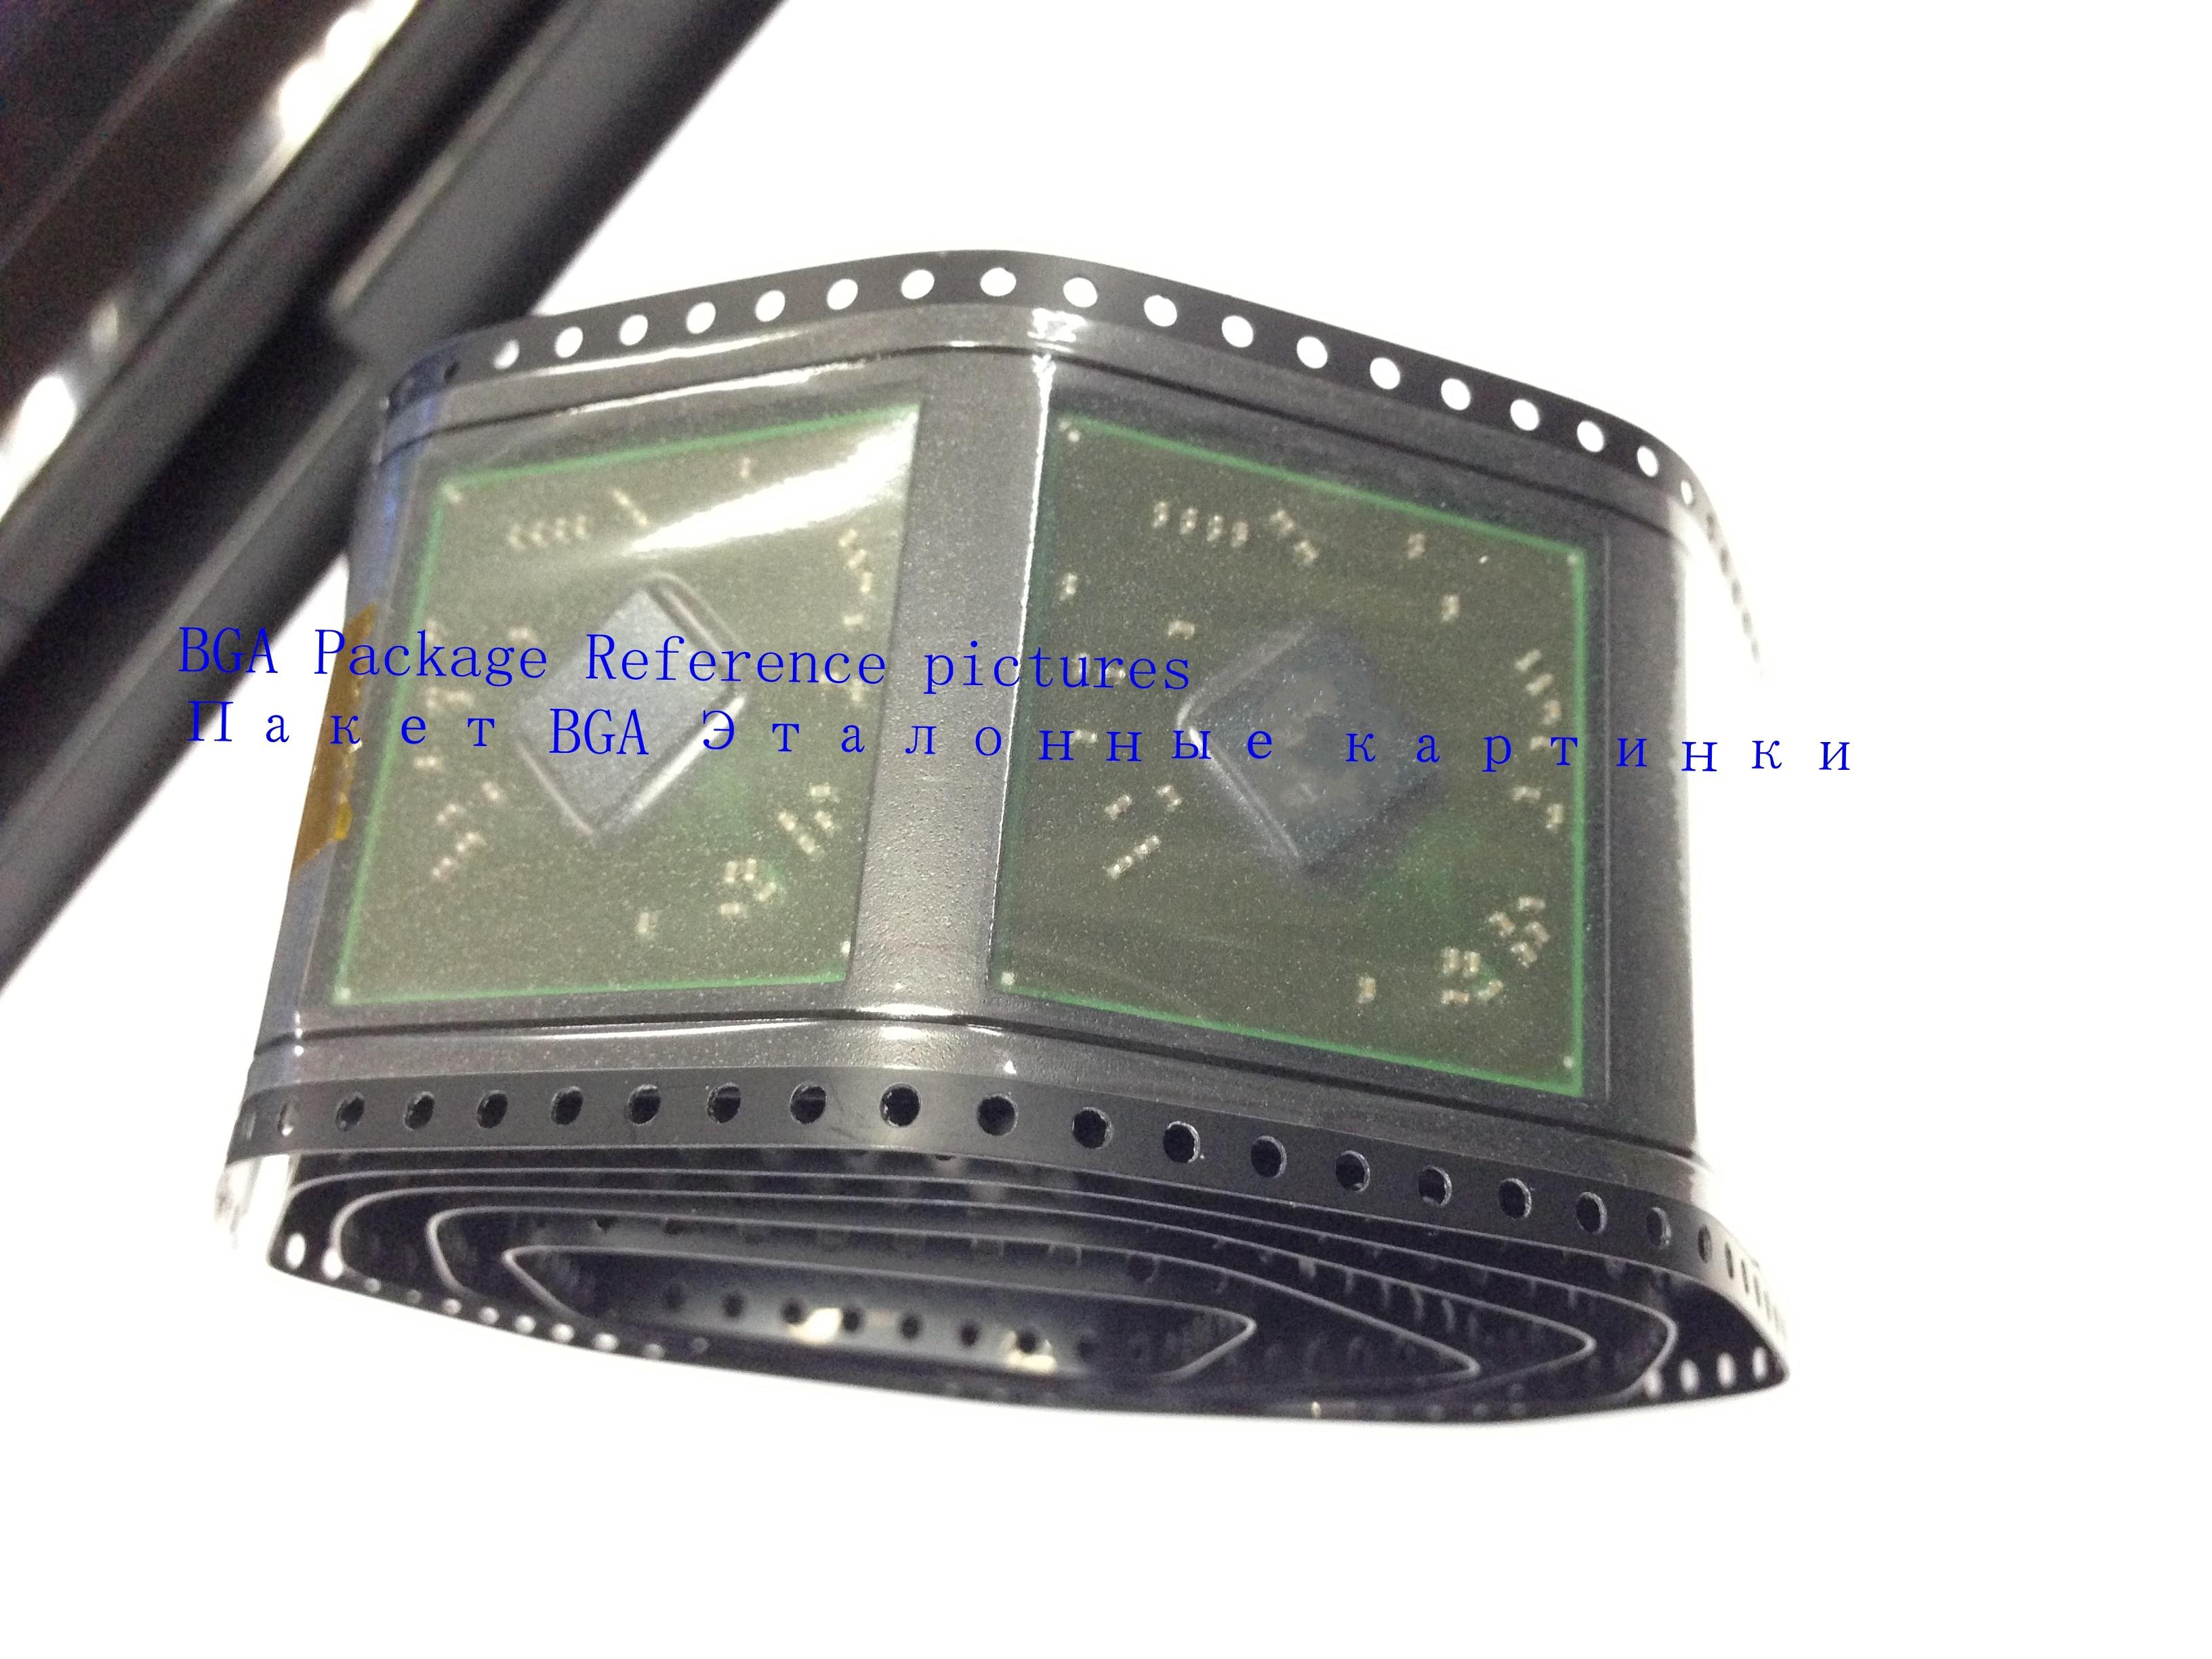 1pcs/lot DC:2012+ 100% New 218-0792006 218 0792006 BGA Chipset1pcs/lot DC:2012+ 100% New 218-0792006 218 0792006 BGA Chipset